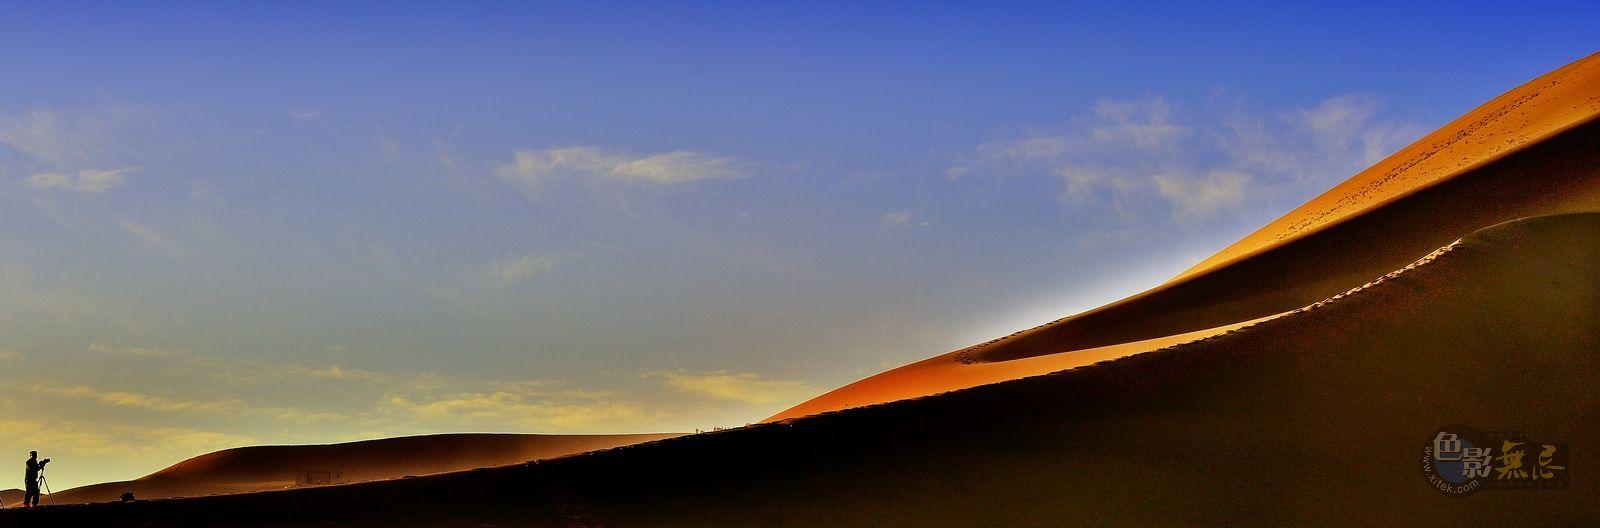 山海原野作品:浩瀚与渺小